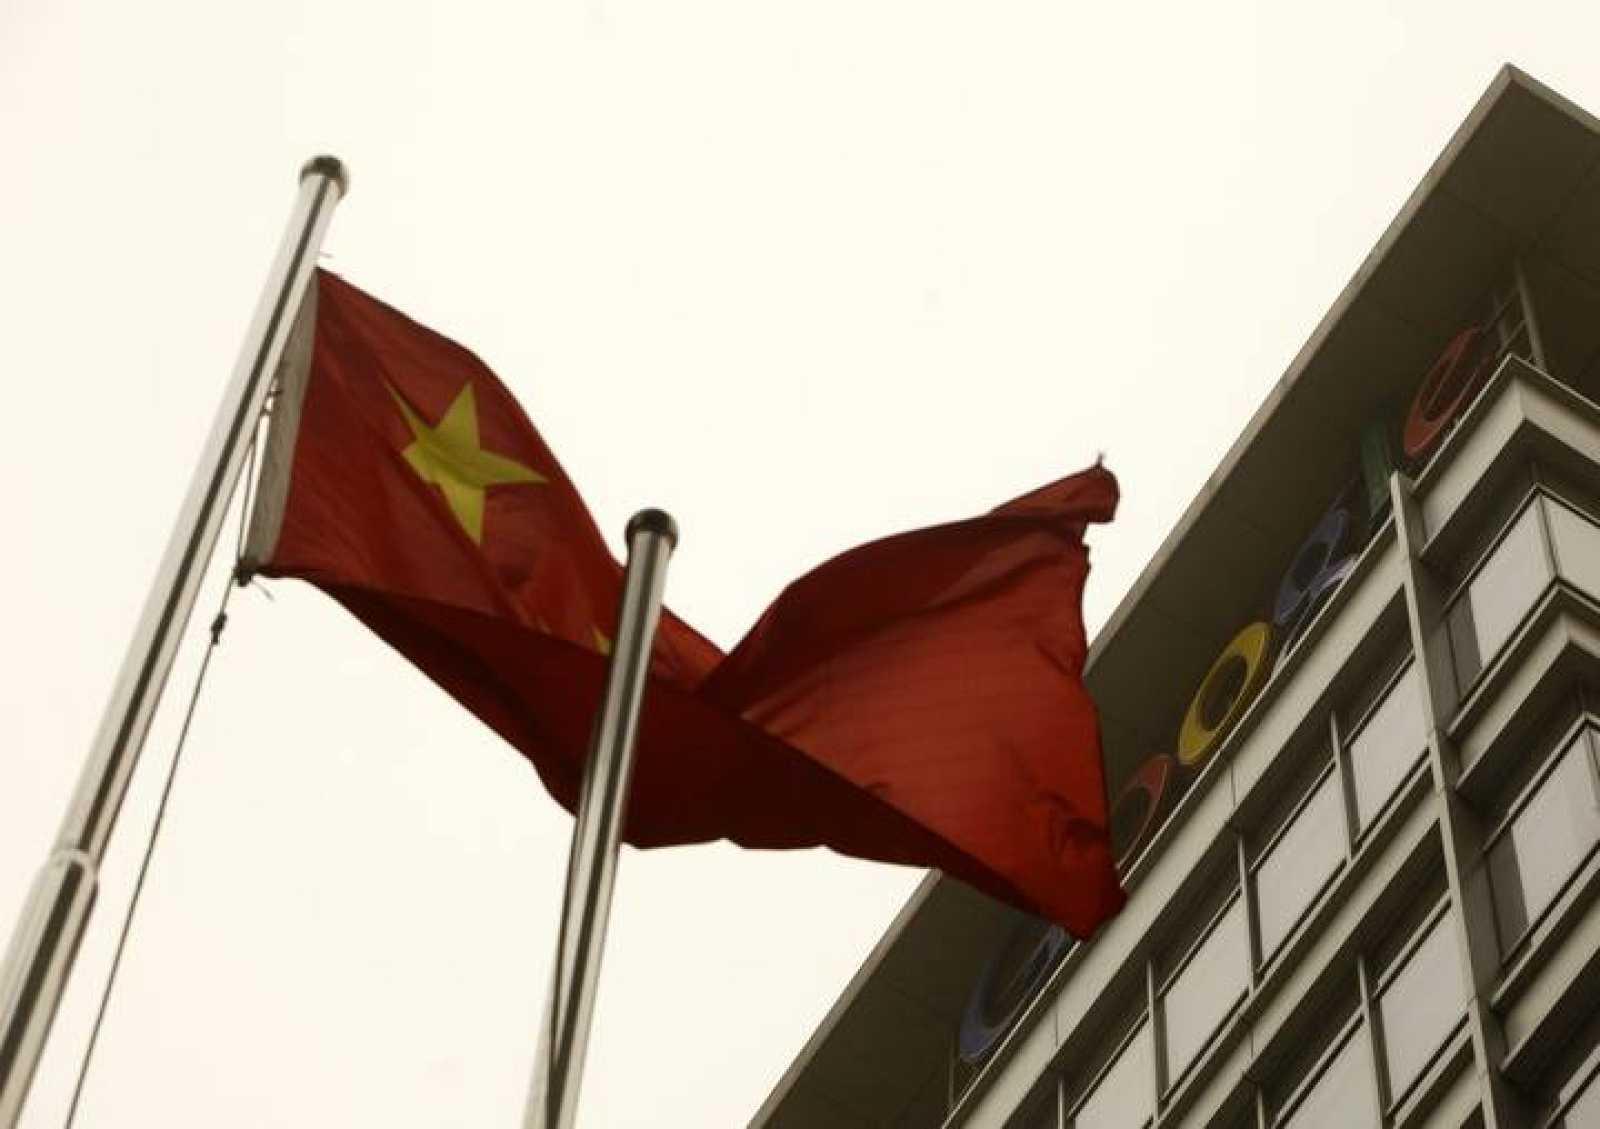 Tras dos meses de conflicto con las autoridades chinas, Google ha decidido dejar de doblegarse a la censura gubernamental.